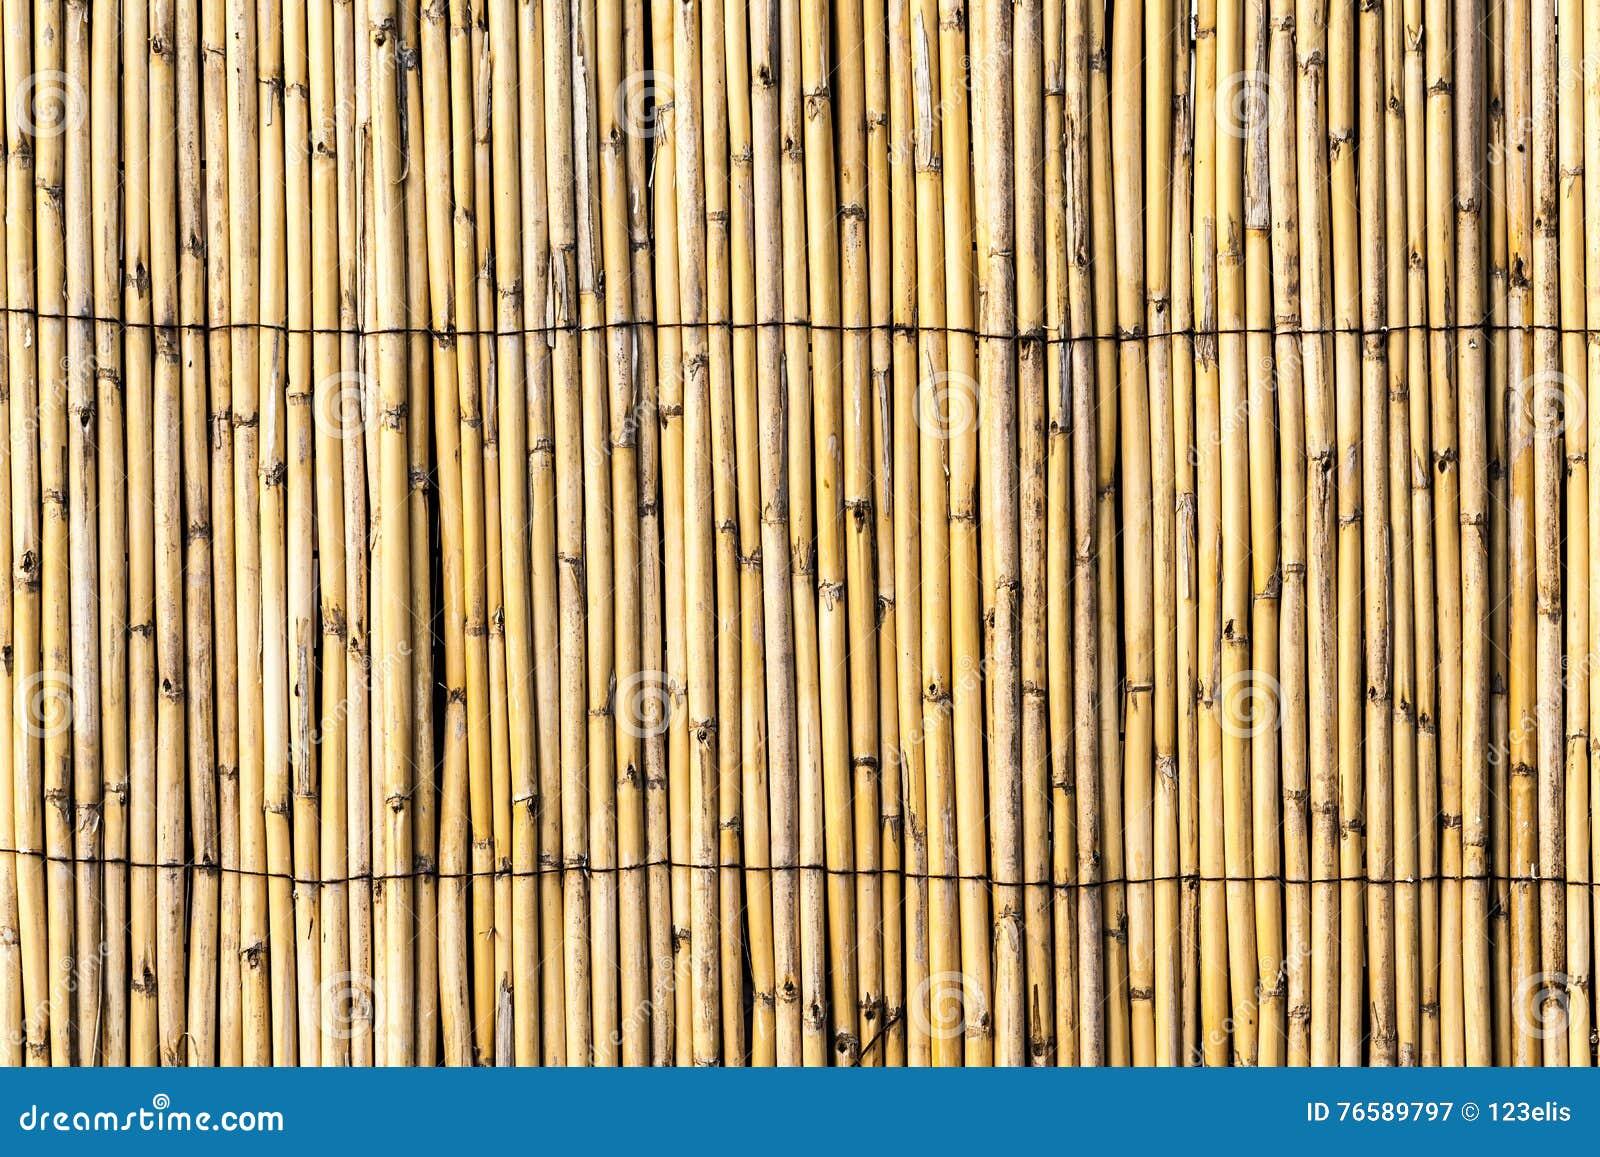 Bambu Zaun Texture Stockbild Bild Von Organisch Grunge 76589797